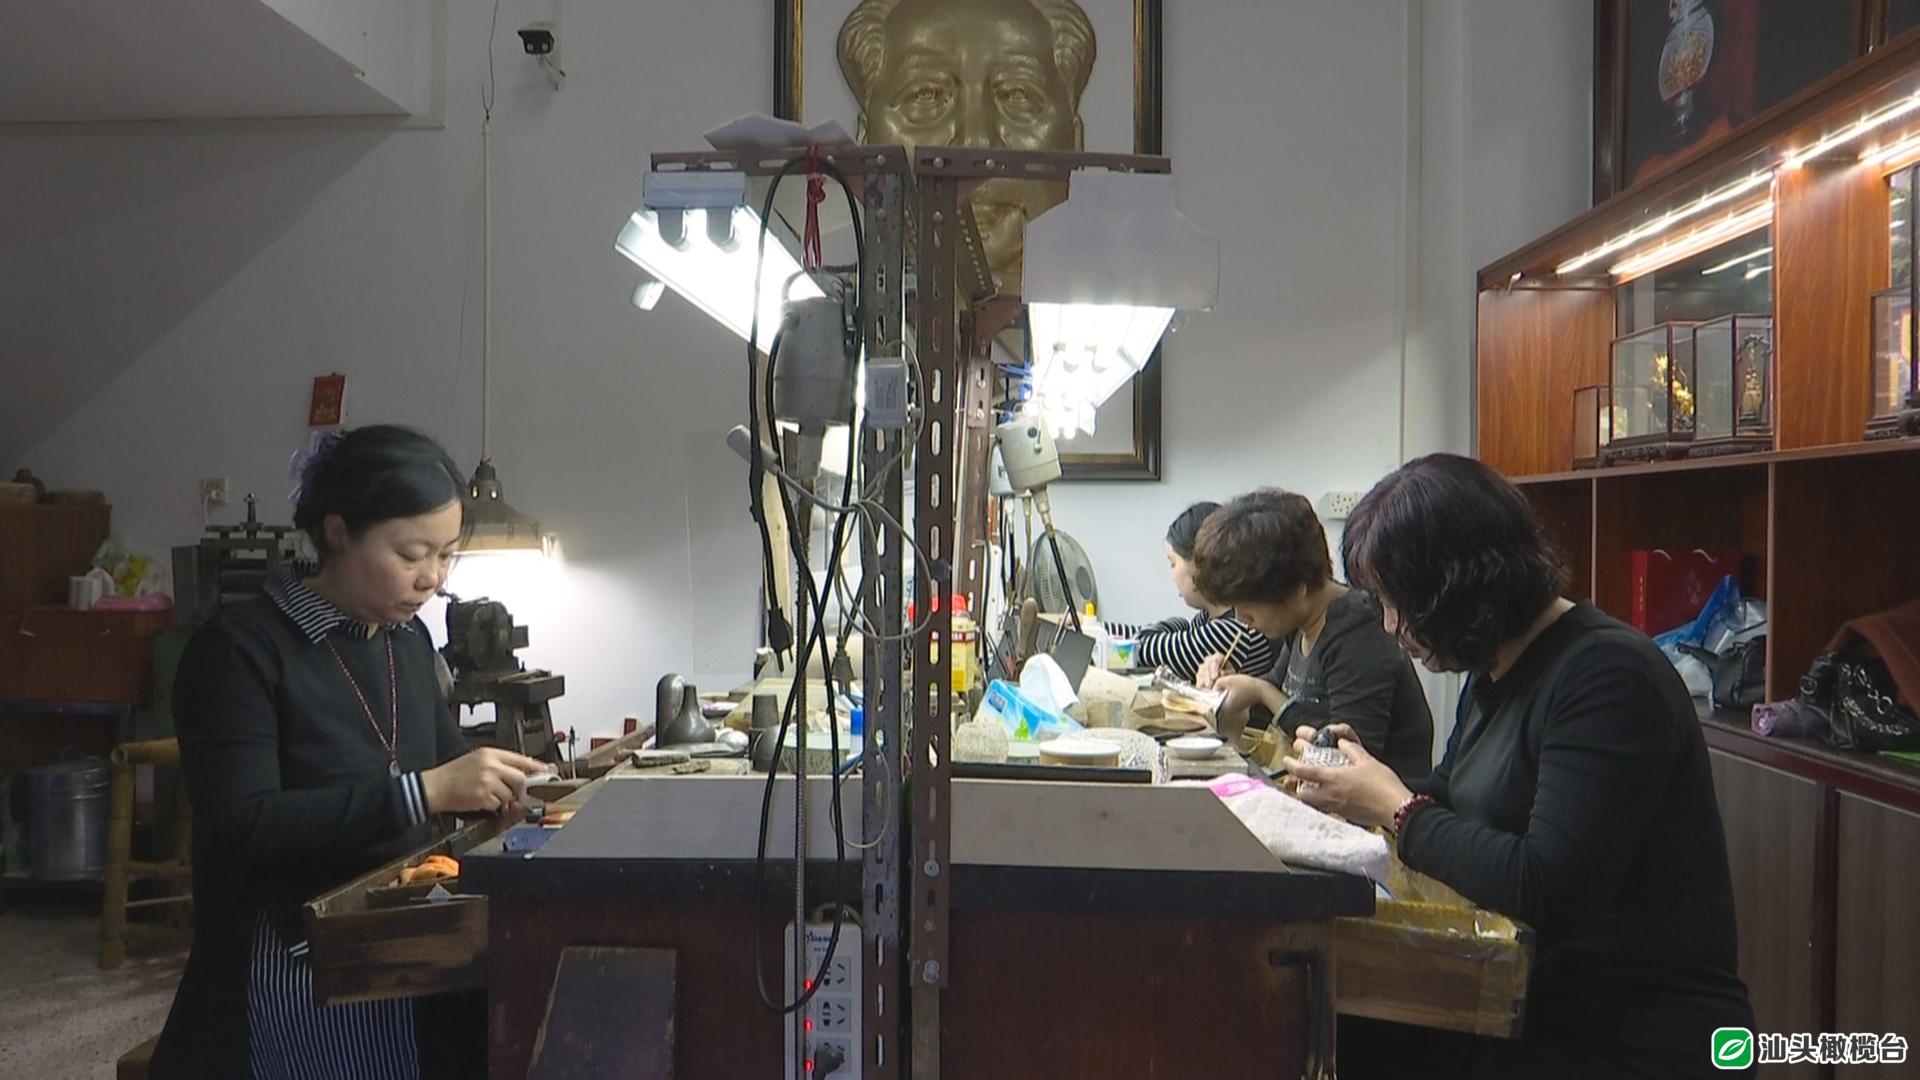 纖纖銀絲千鏨百刻!潮州這戶人家多年來堅持手工打造金銀器,手藝令人贊不絕口!